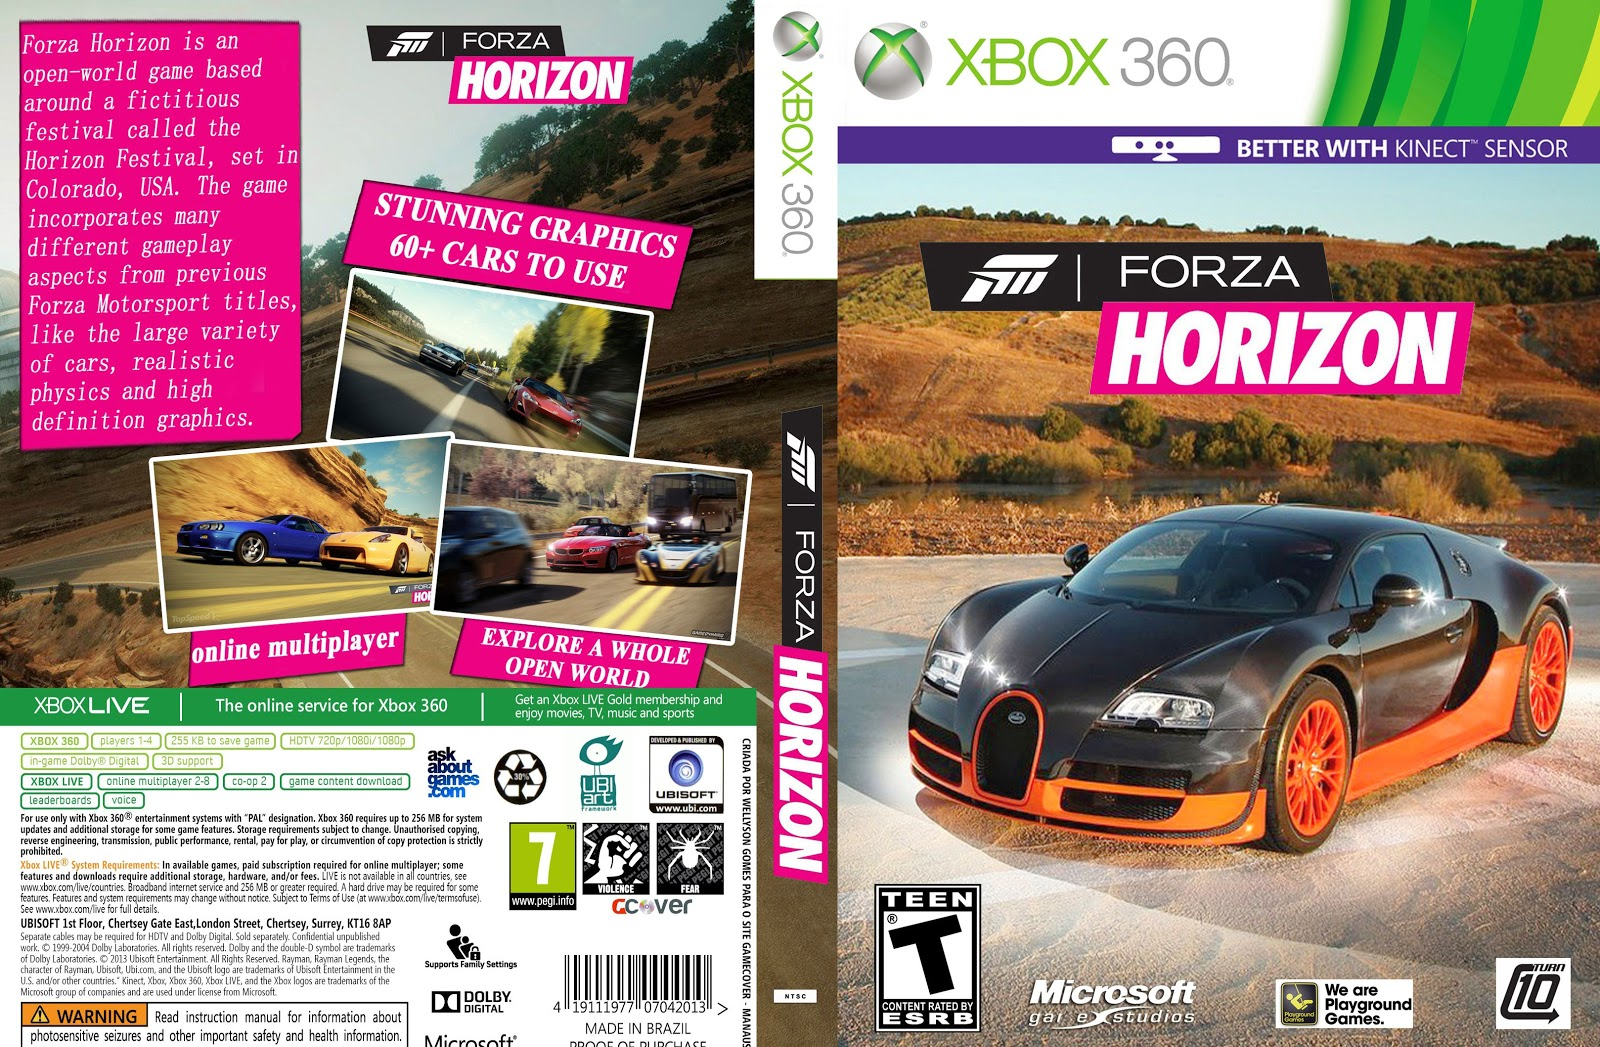 Capa Forza Horizon Xbox 360